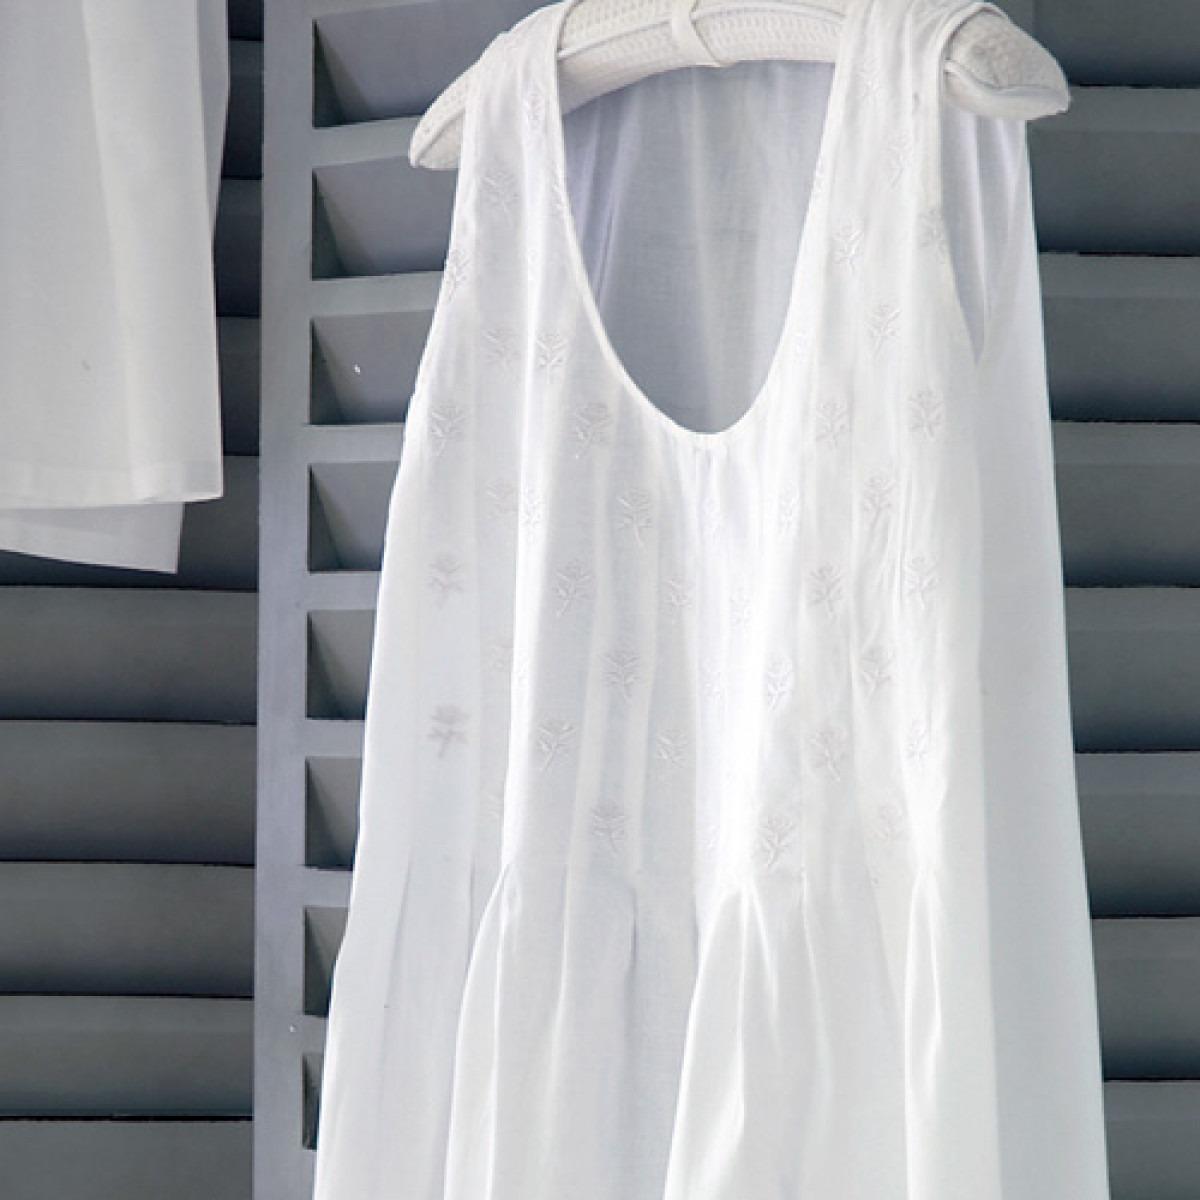 Lizzie cotton nightdress